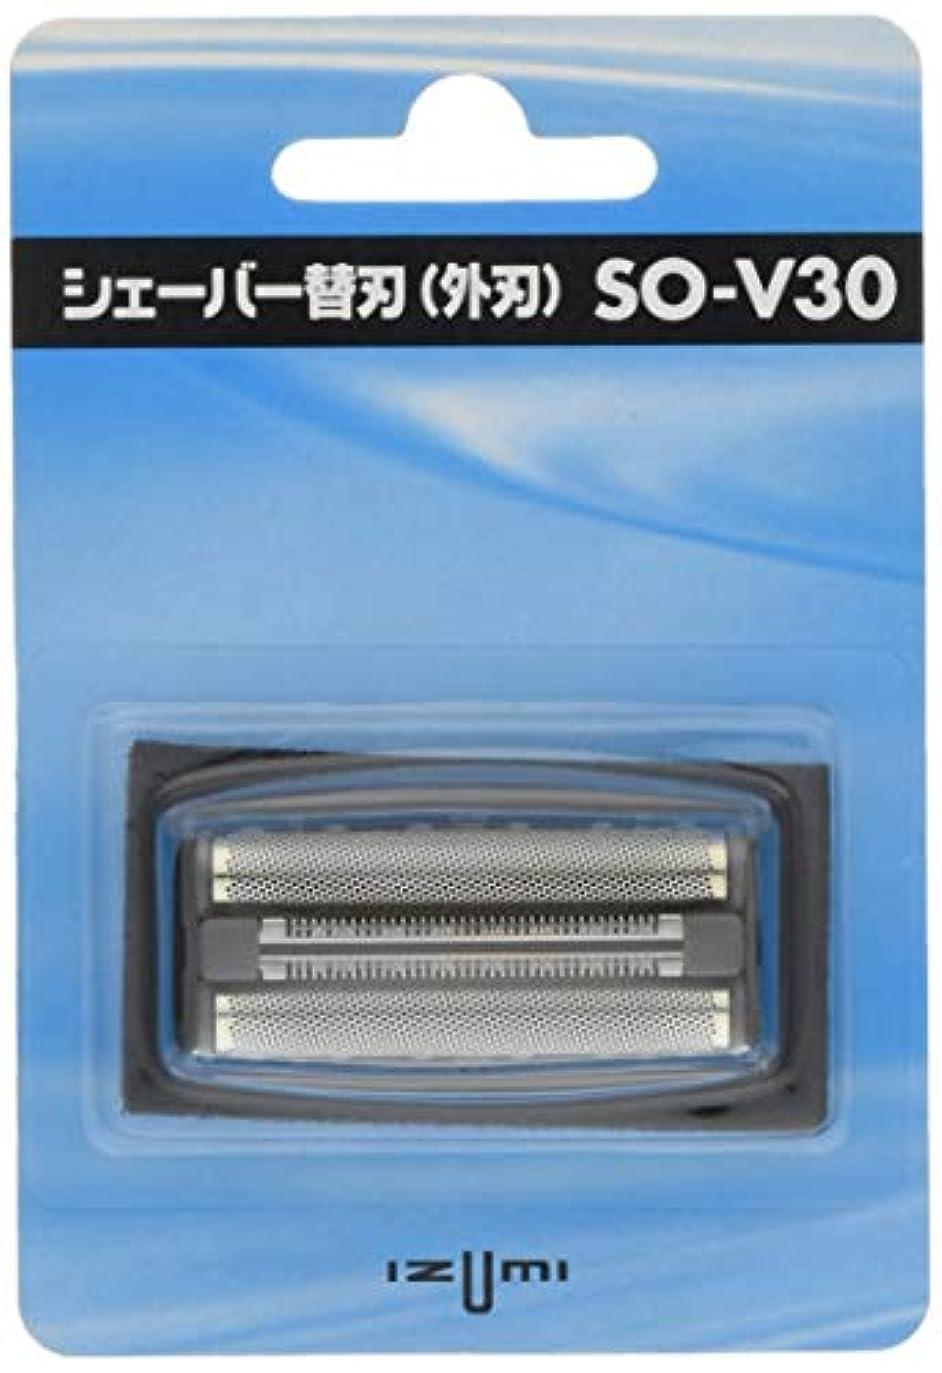 伝染性としてピアニスト泉精器製作所 メンズシェーバー シェーバー用替刃(外刃) SO-V30